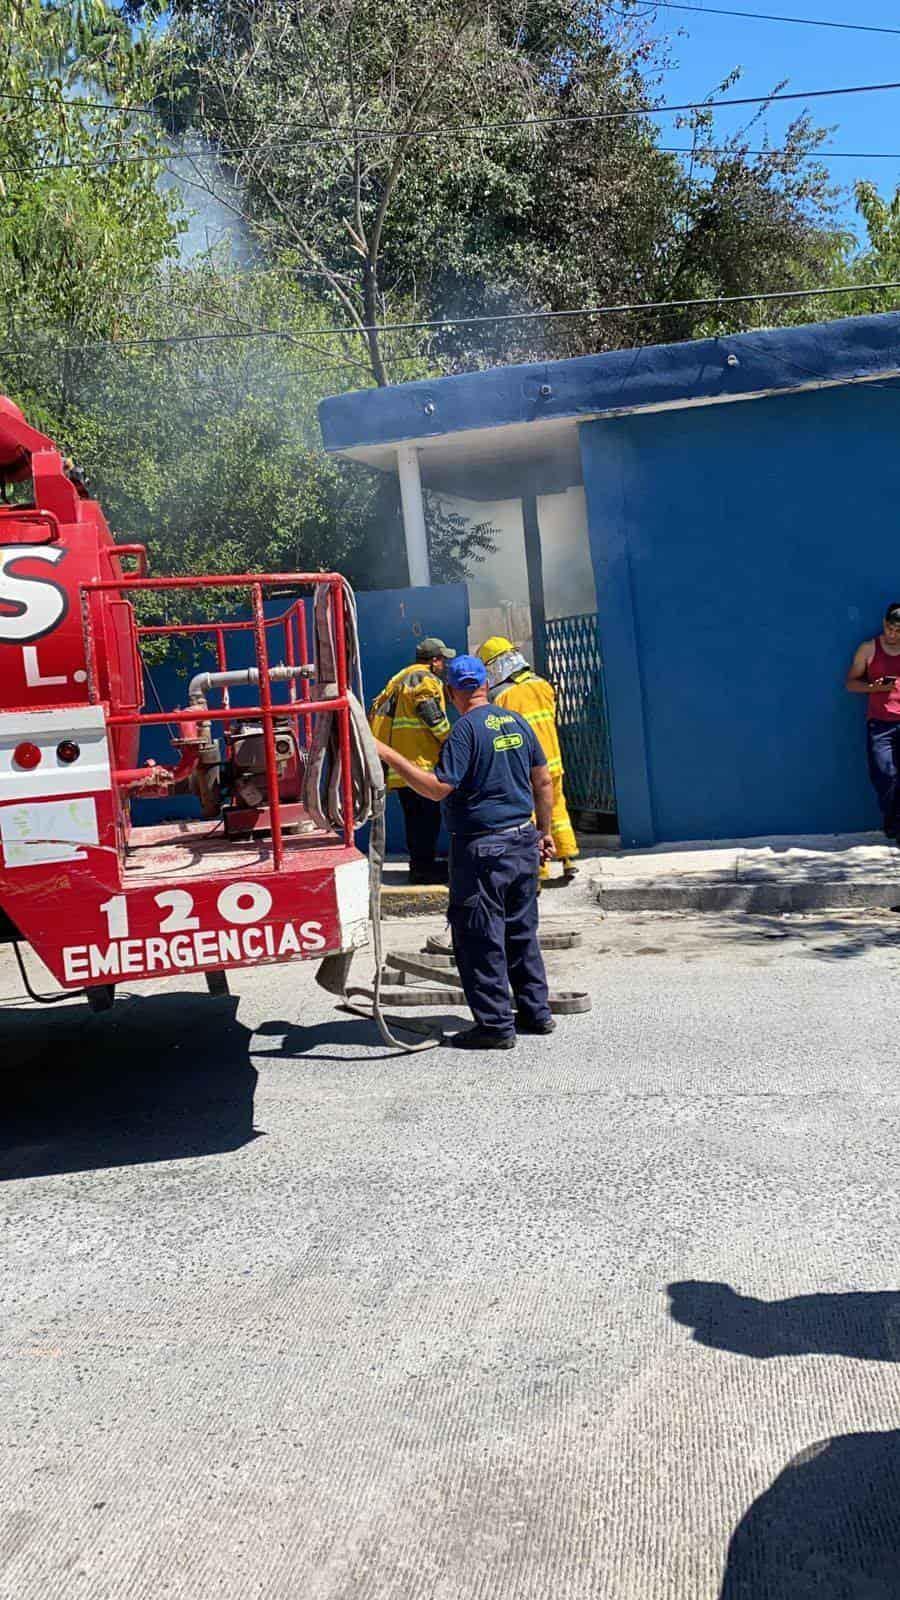 Una intensa movilización de los puestos de socorro se registró en el municipio de Cadereyta, al reportarse el incendio